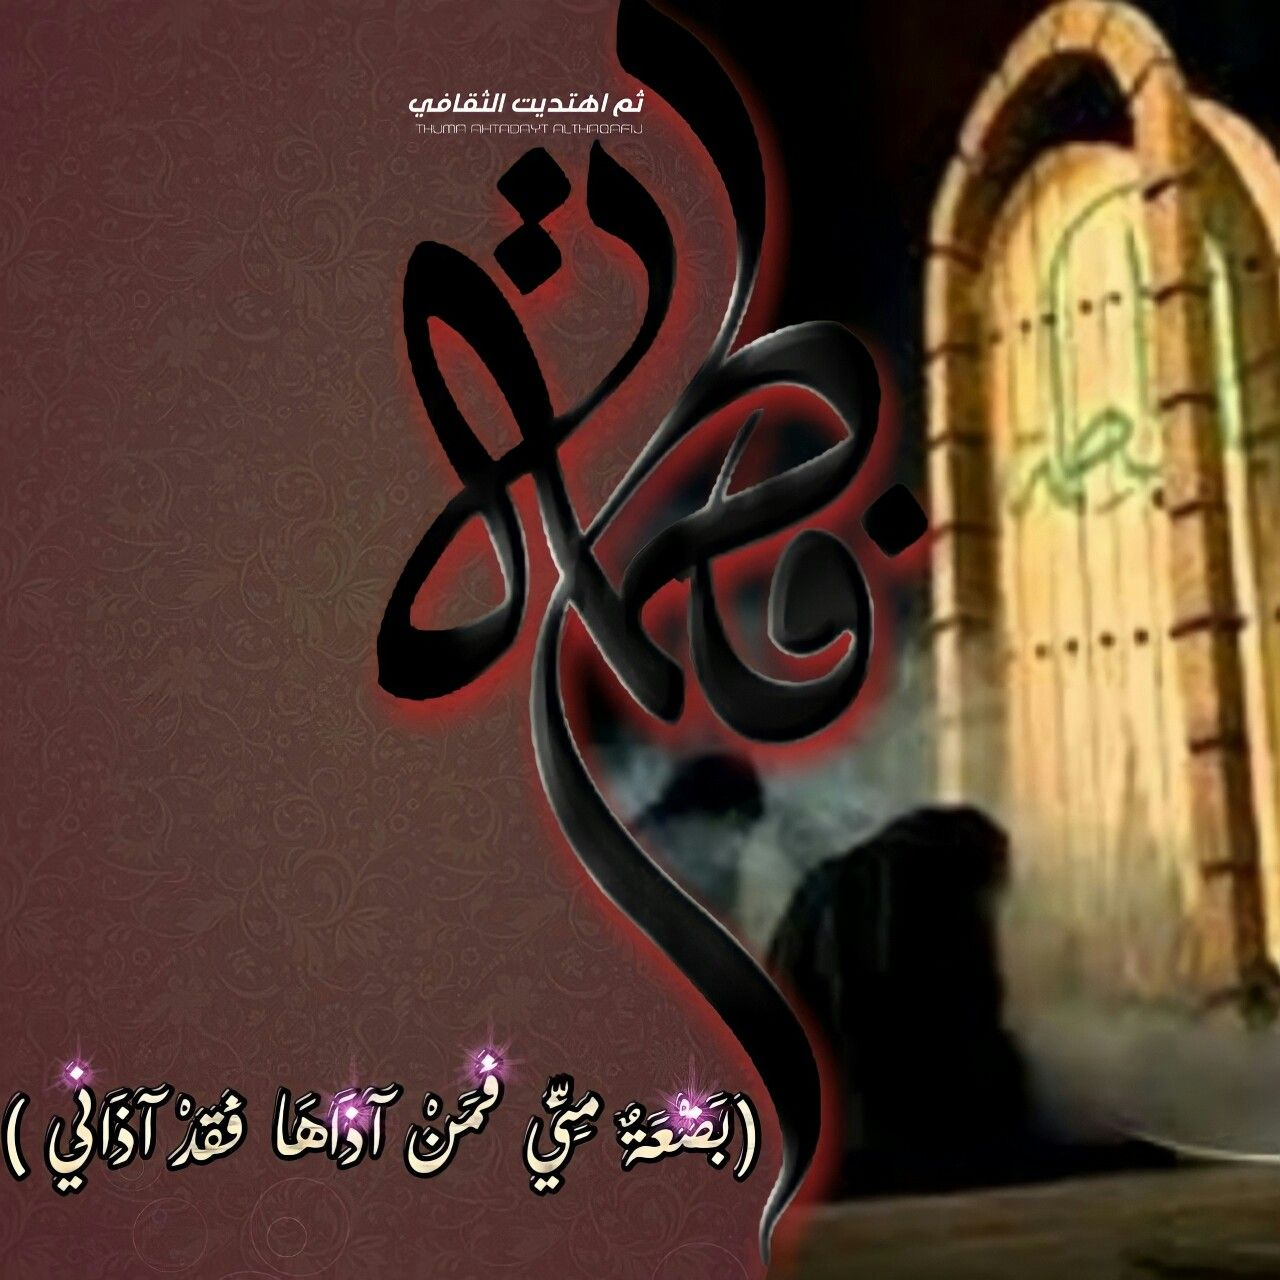 الفاطمية الثانية Arabic Calligraphy Calligraphy Art